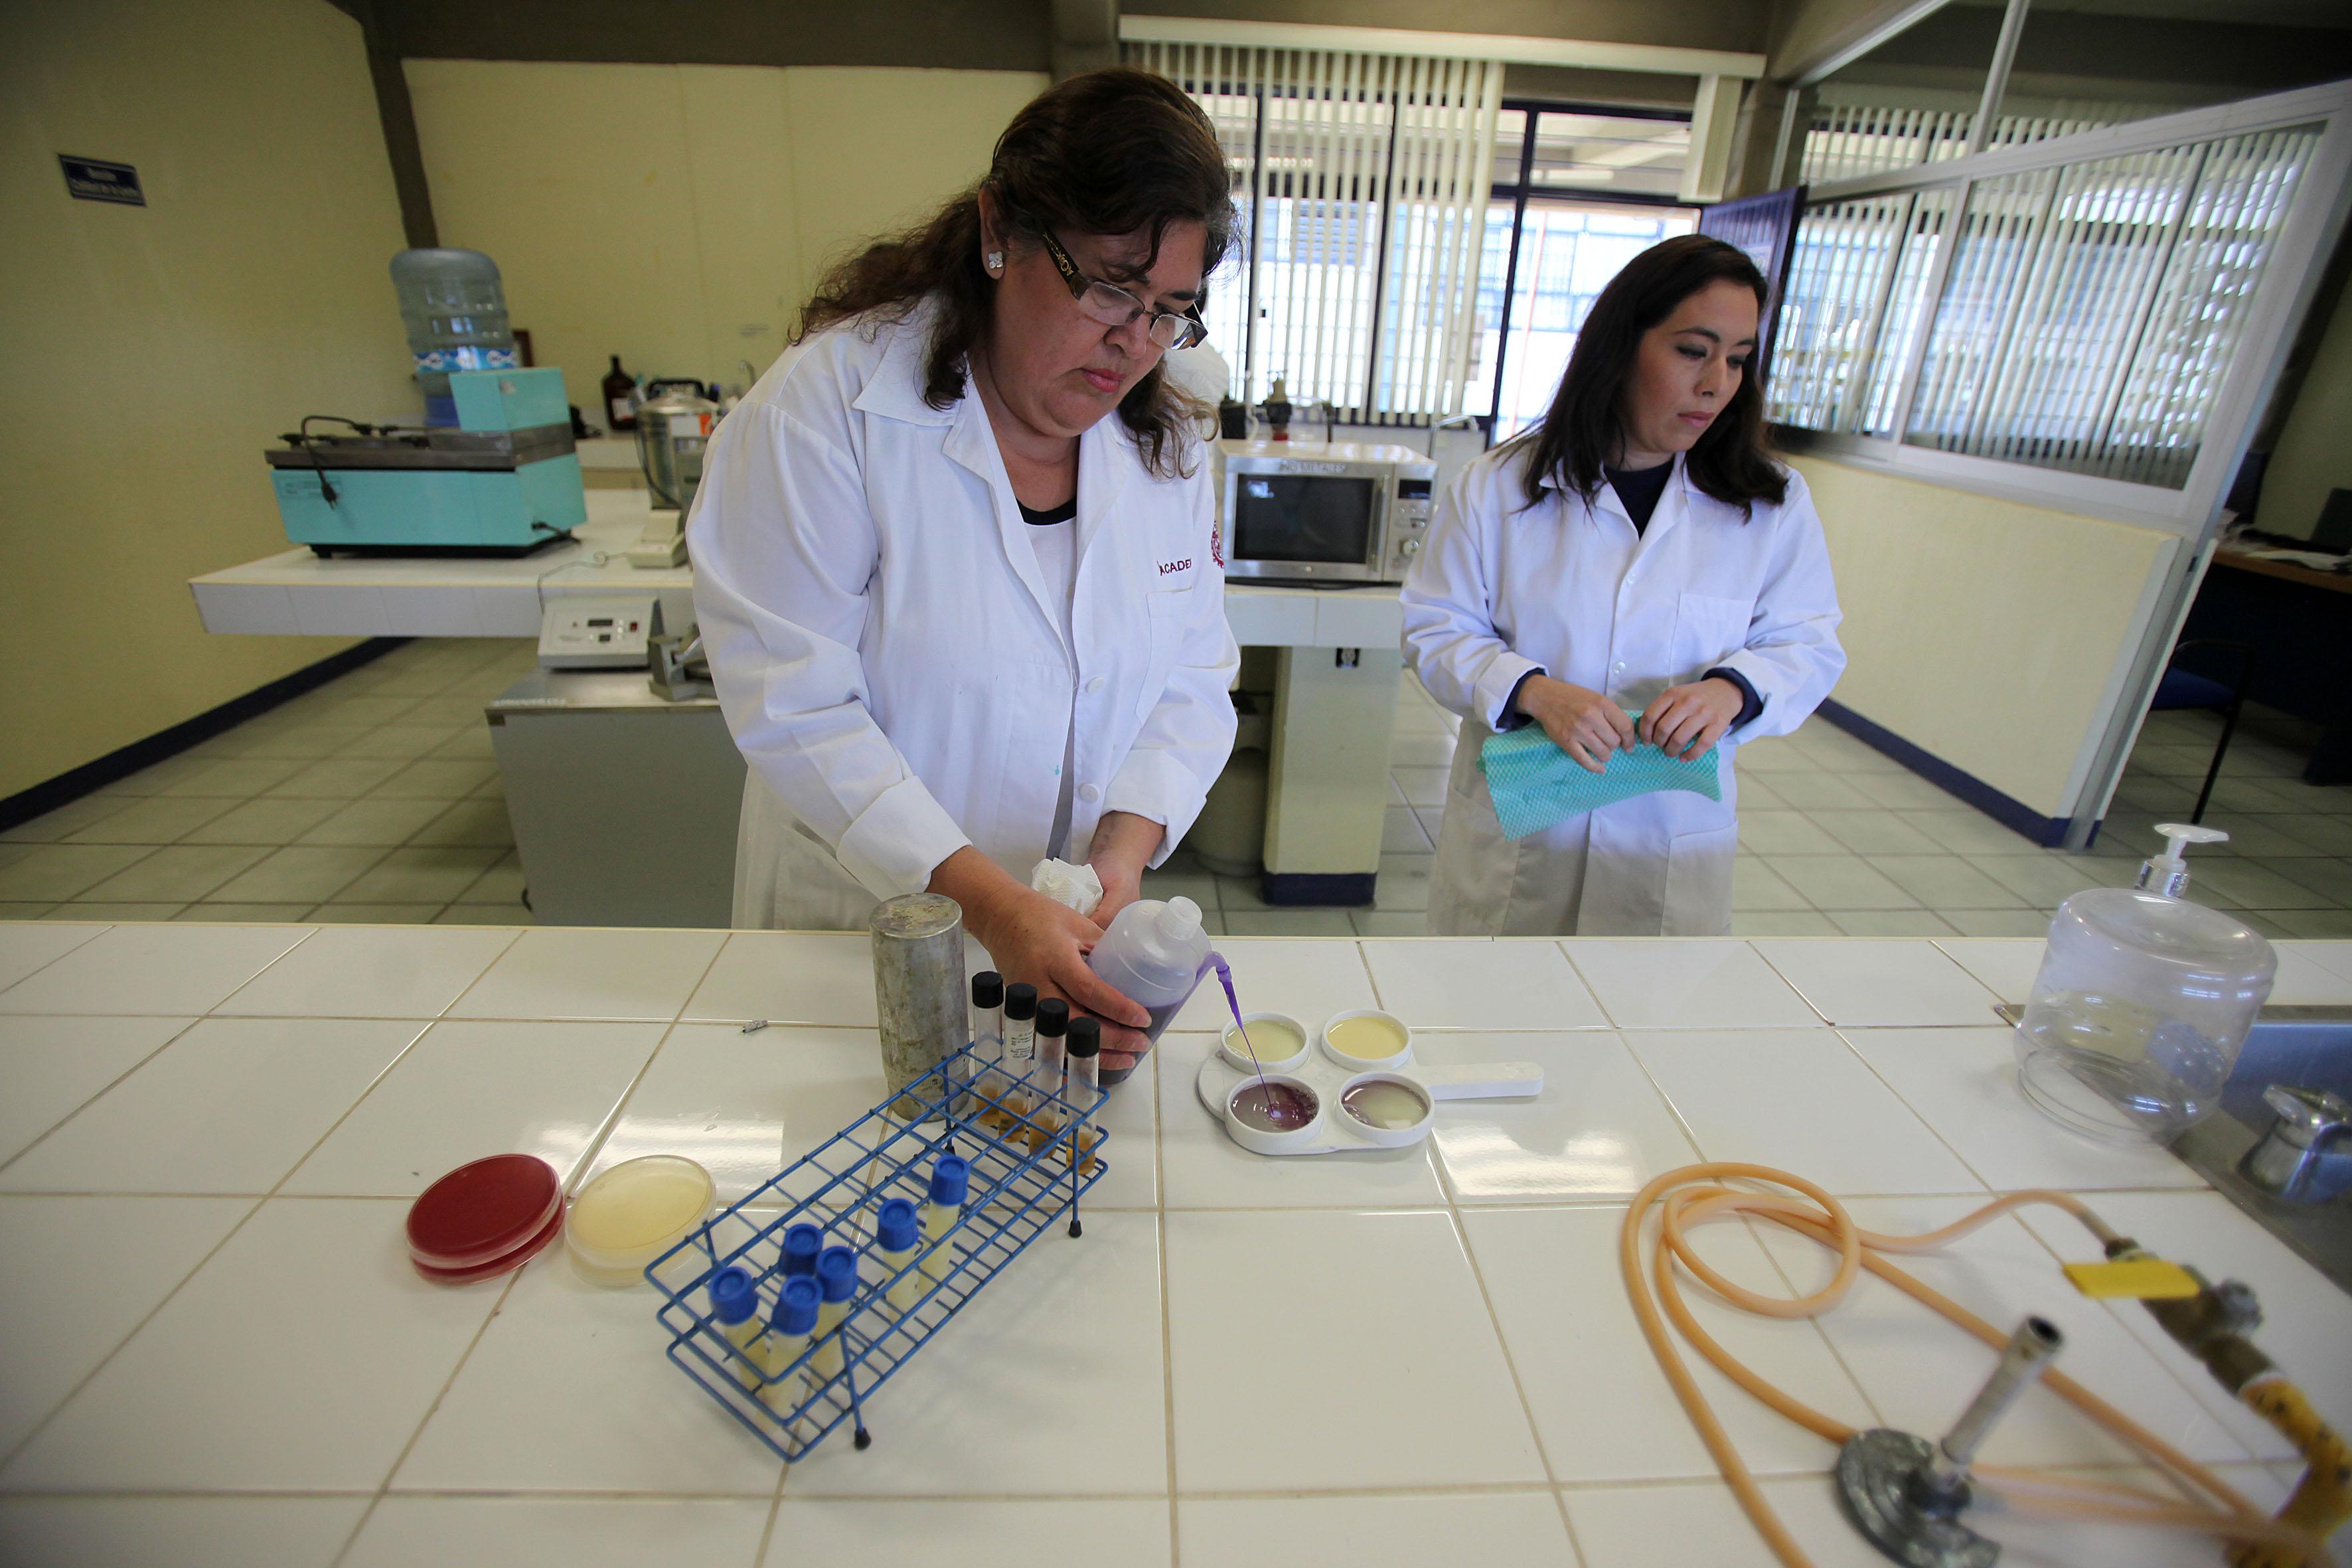 Mujeres analizando la producción, enfermedades y calidad de leche